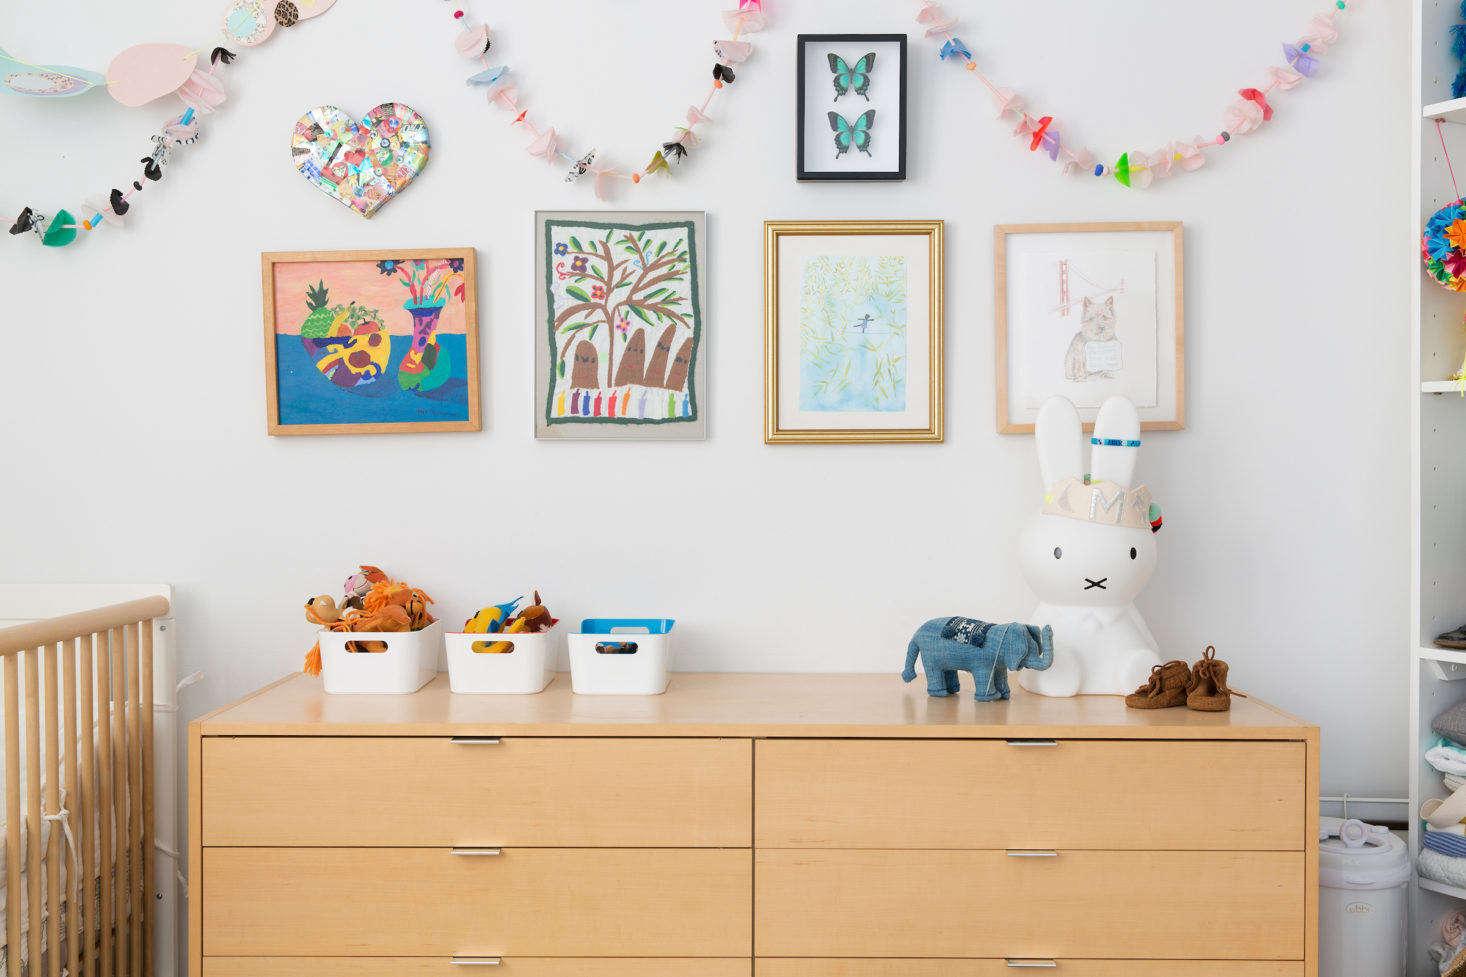 Shira Gill Expert Advice Kids Art